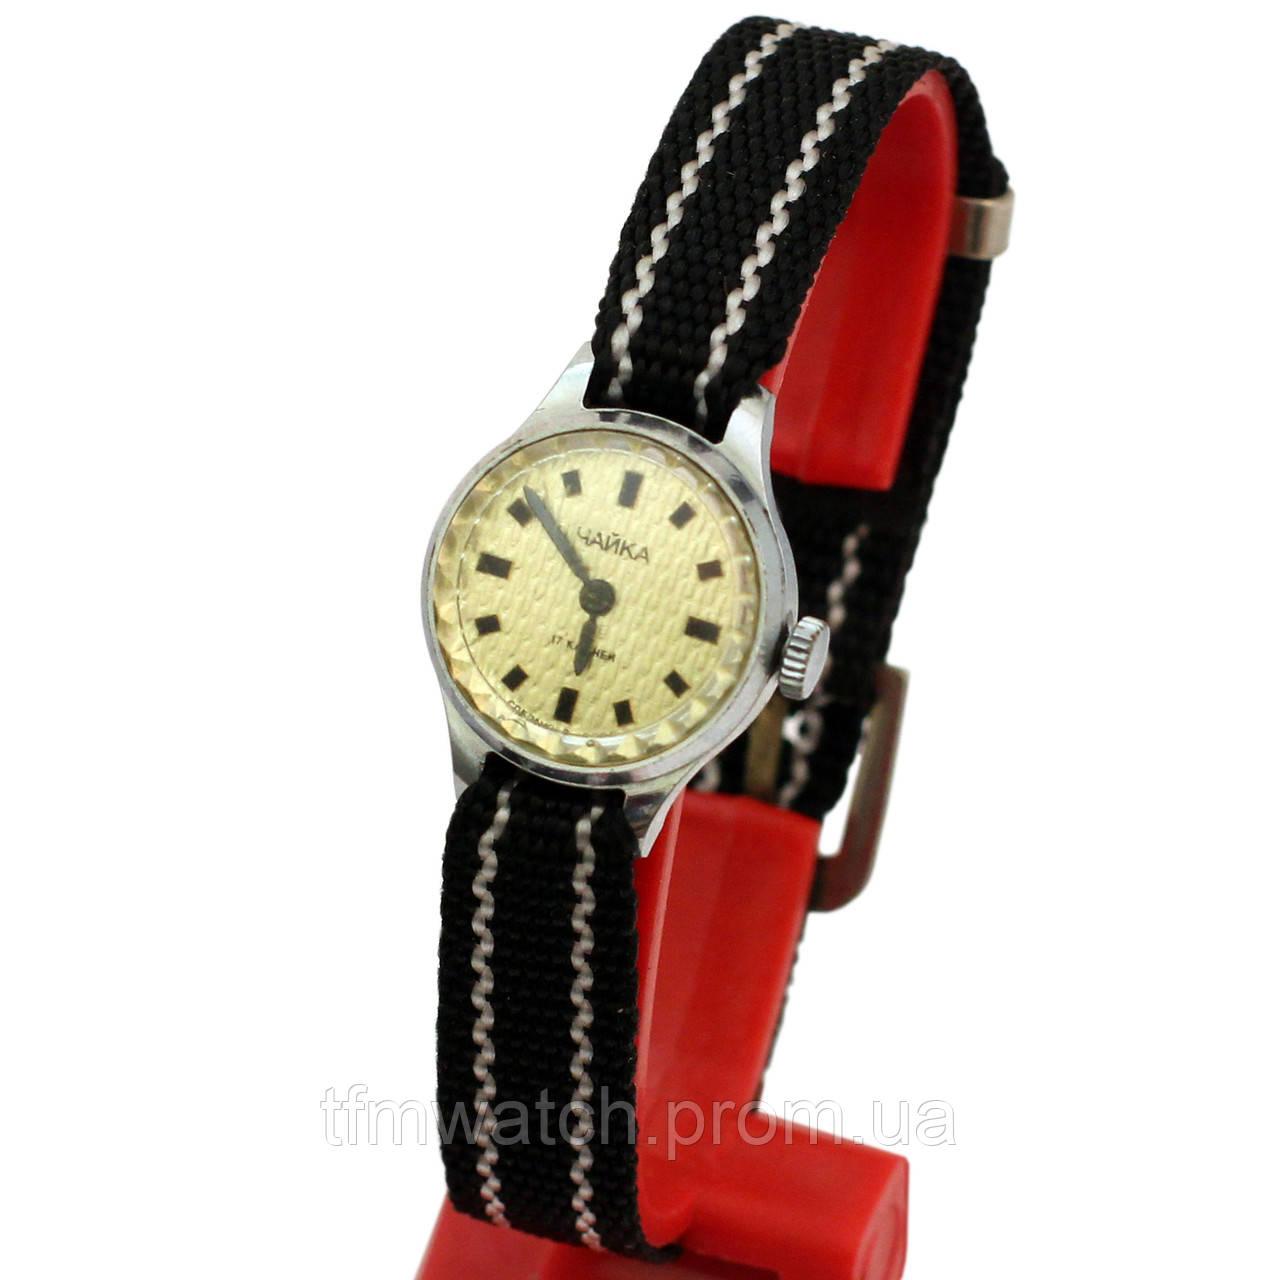 Женские советские часы Чайка 17 камней